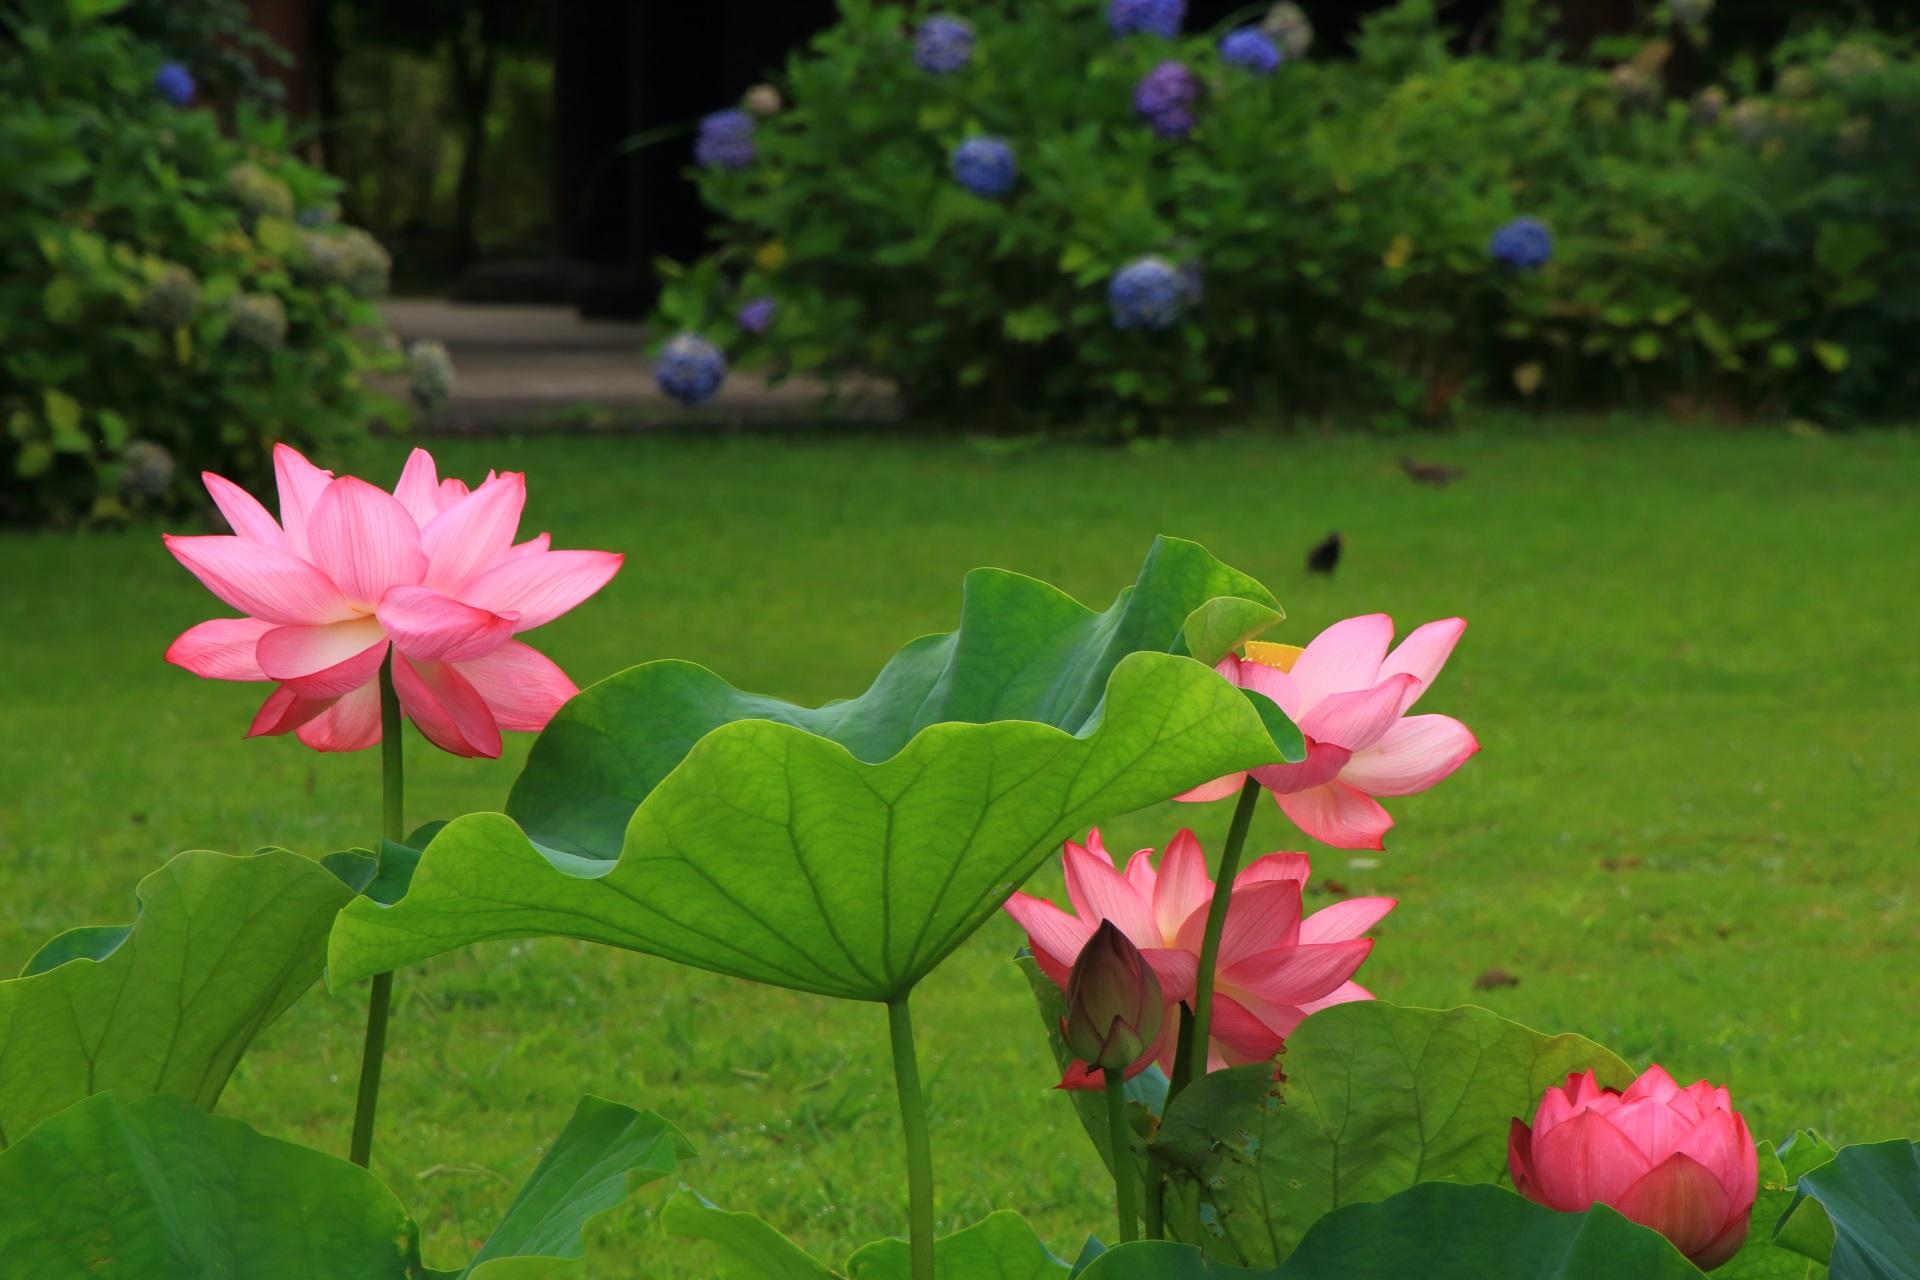 緑の芝生を背景にピンクの花が咲き誇る東寺の宝蔵前の蓮